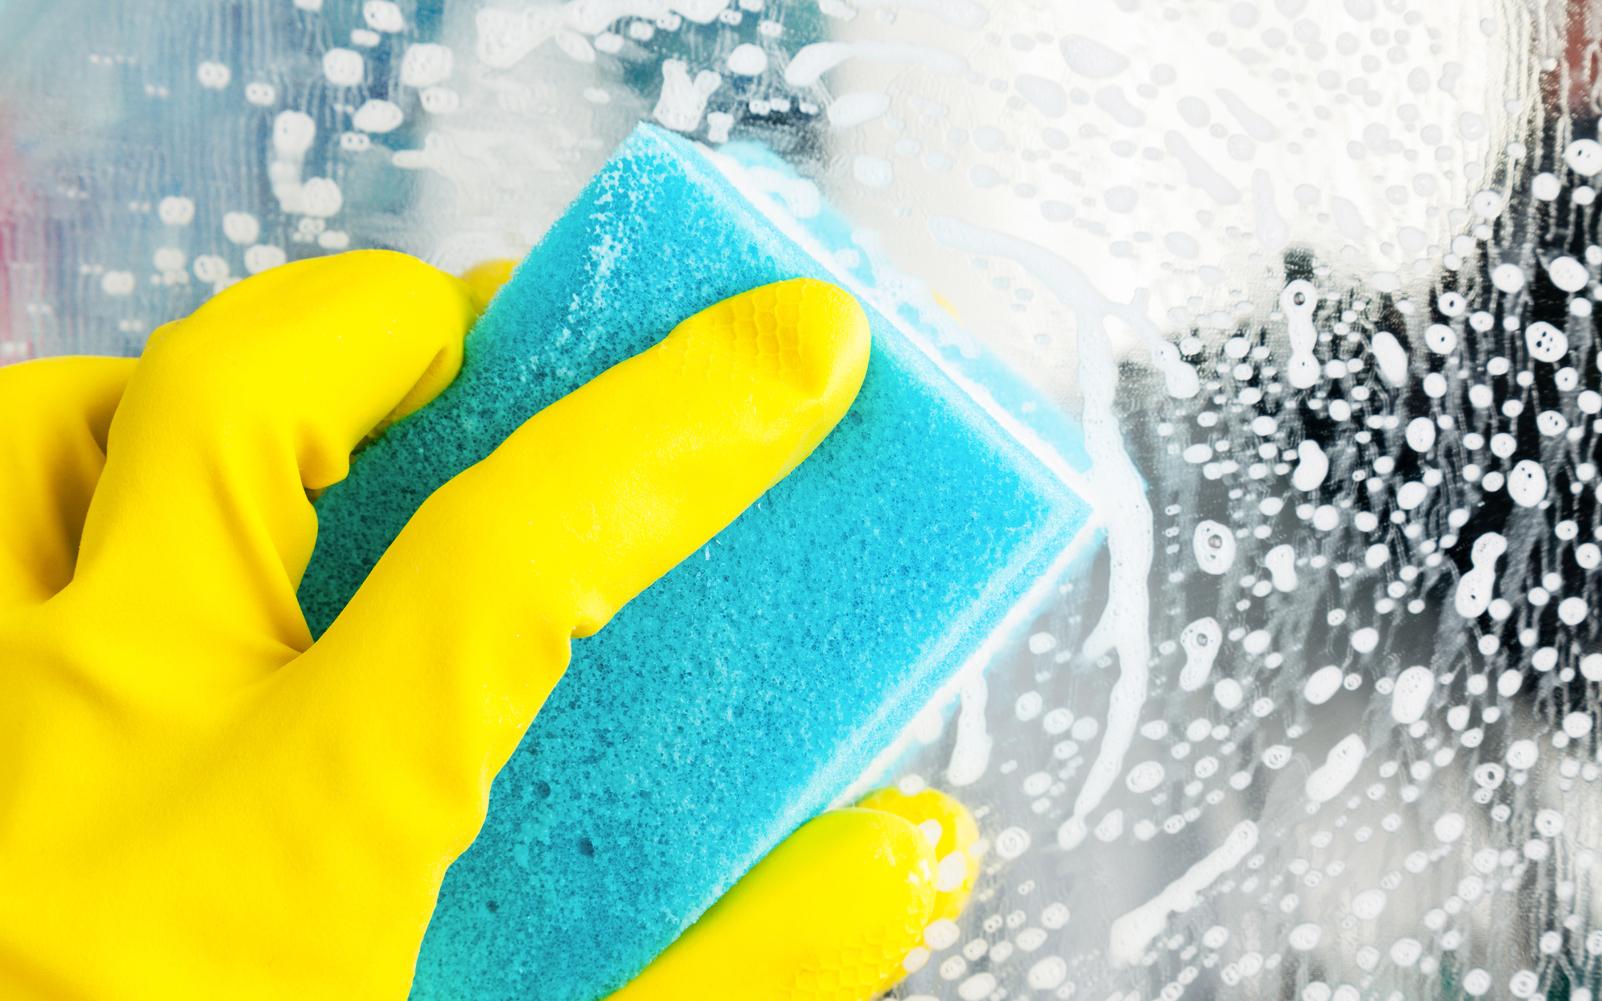 Impresa di pulizie Bolle Blu